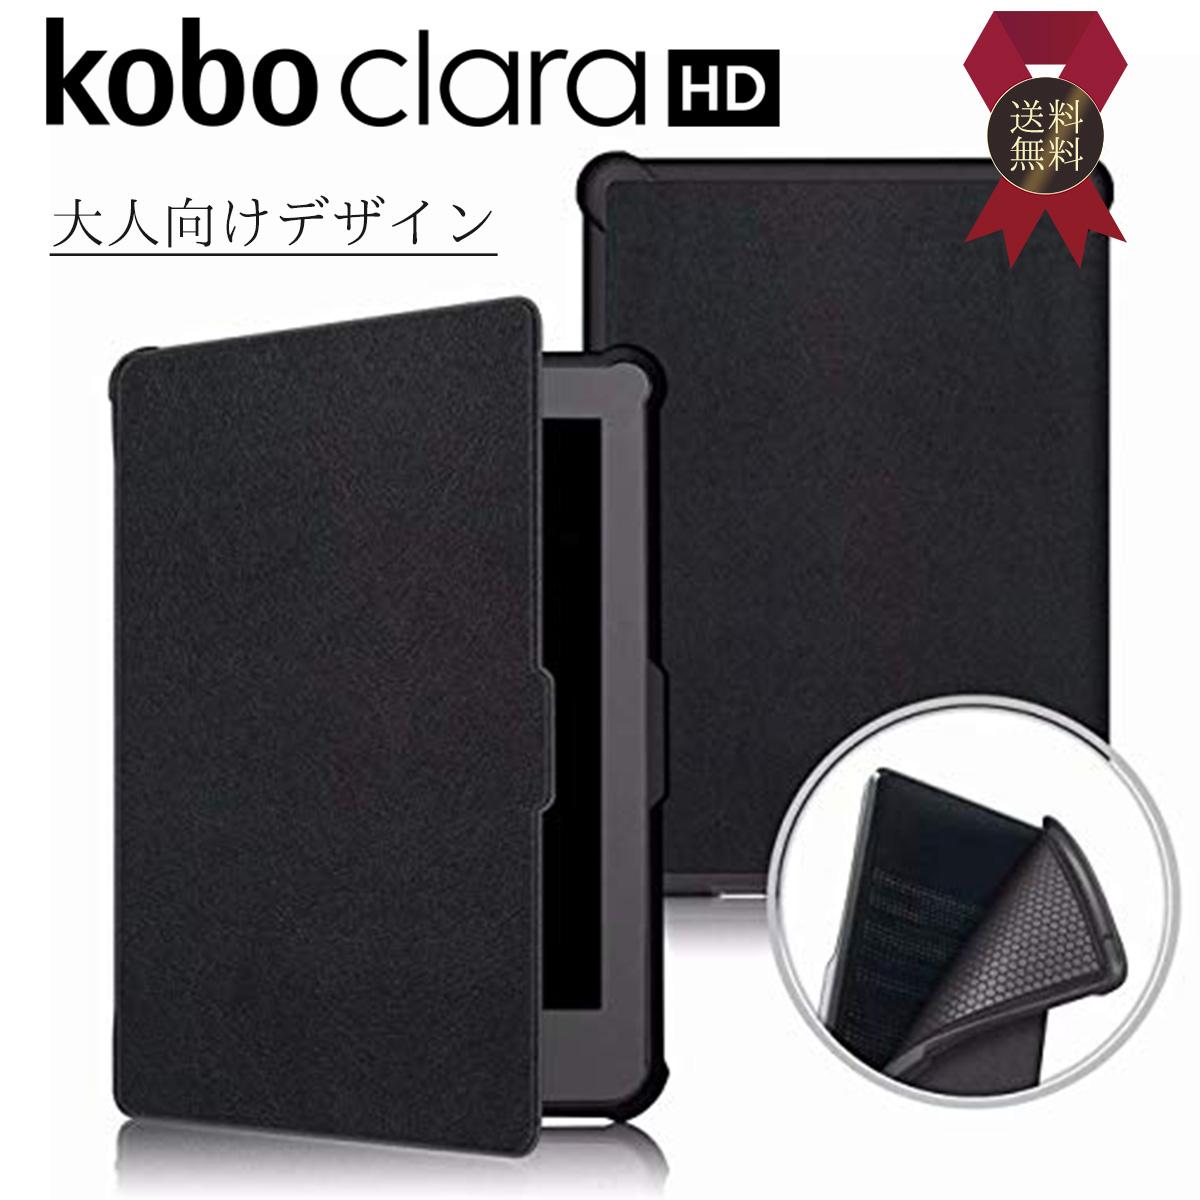 送料無料 ポイント消化 対応 割引クーポン 発行中 Kobo 新着 Clara HD 6 ケース 自動オフ スマートカバー 薄型 Black コボ レザー 安い リーダー オートスリープ 黒 電子書籍 フラップ TPU 軽量